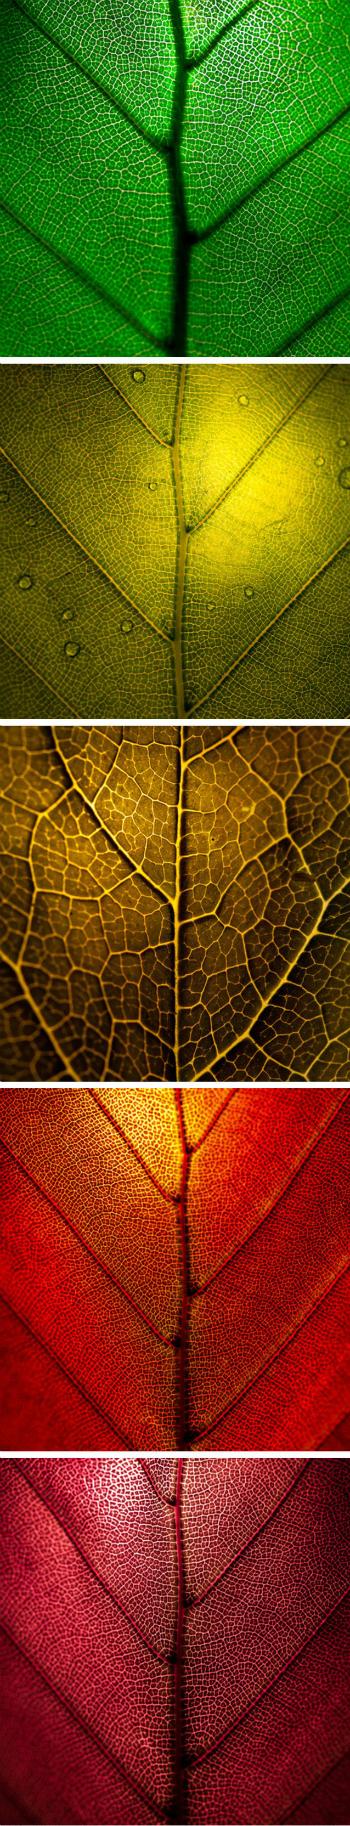 а вы знаете, почему листья меняют цвет?